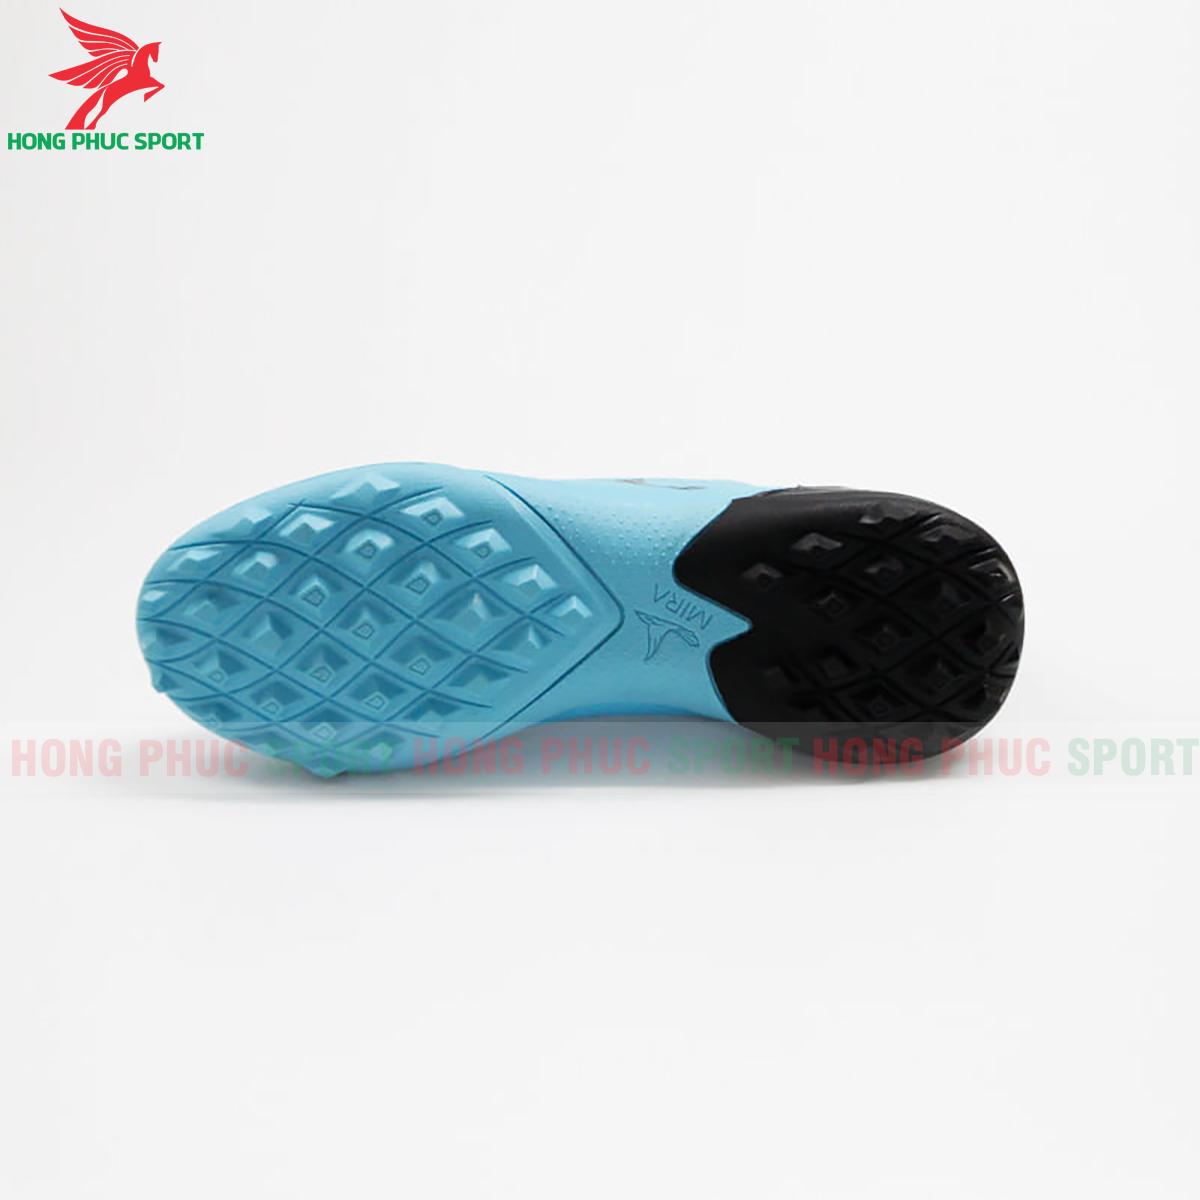 Giày Mira Lux 20.3 sân cỏ nhân tạo xanh ngọc phối đen (đế))